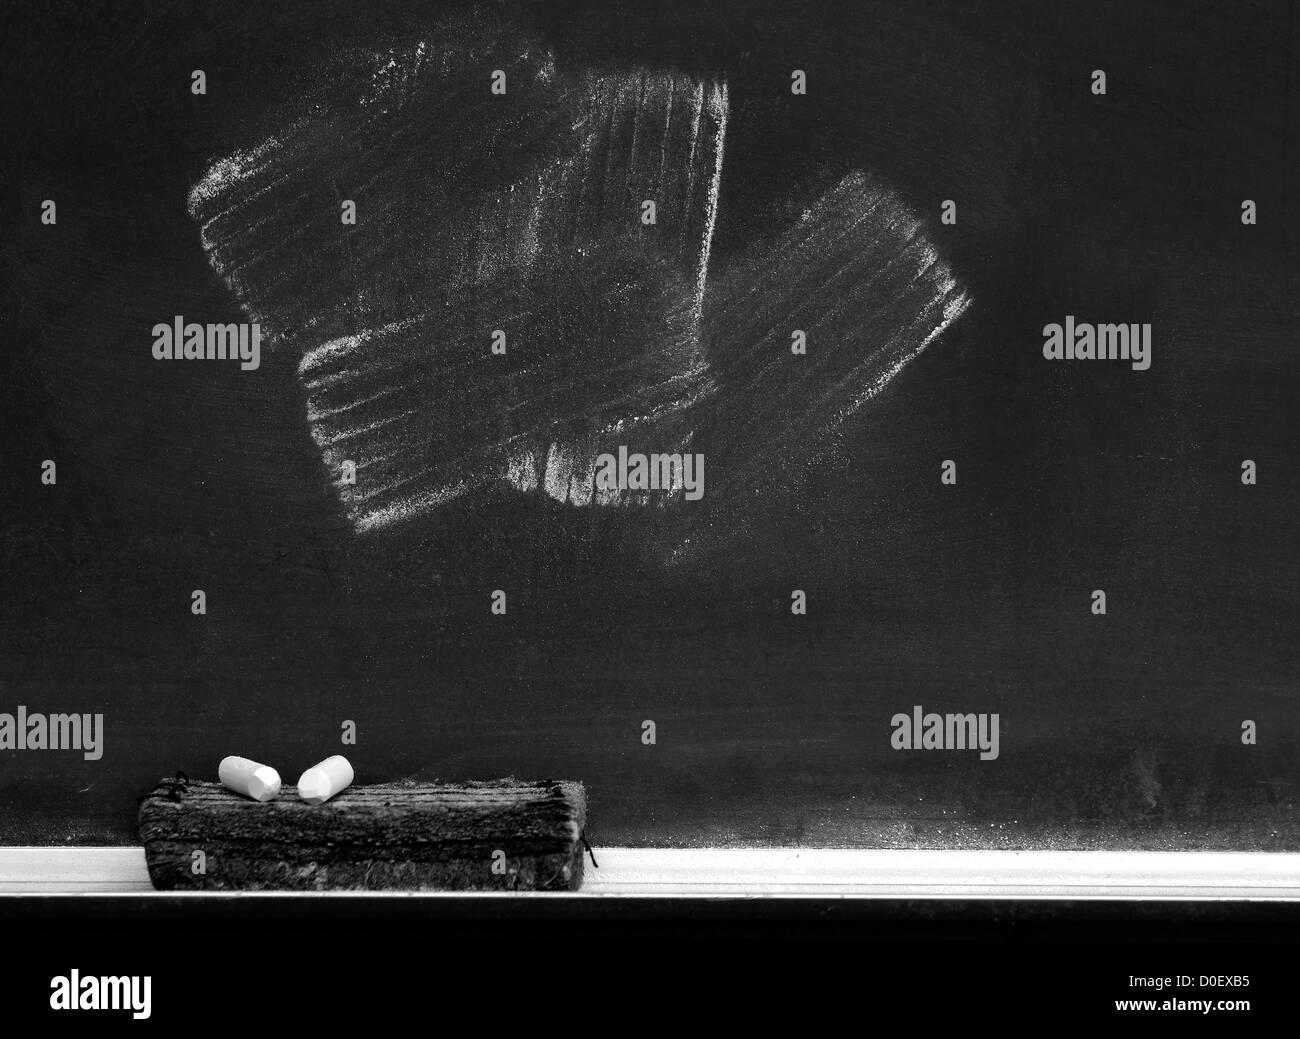 Tafel mit Radiergummi Kreidestriche in weißer Kreide Stockbild